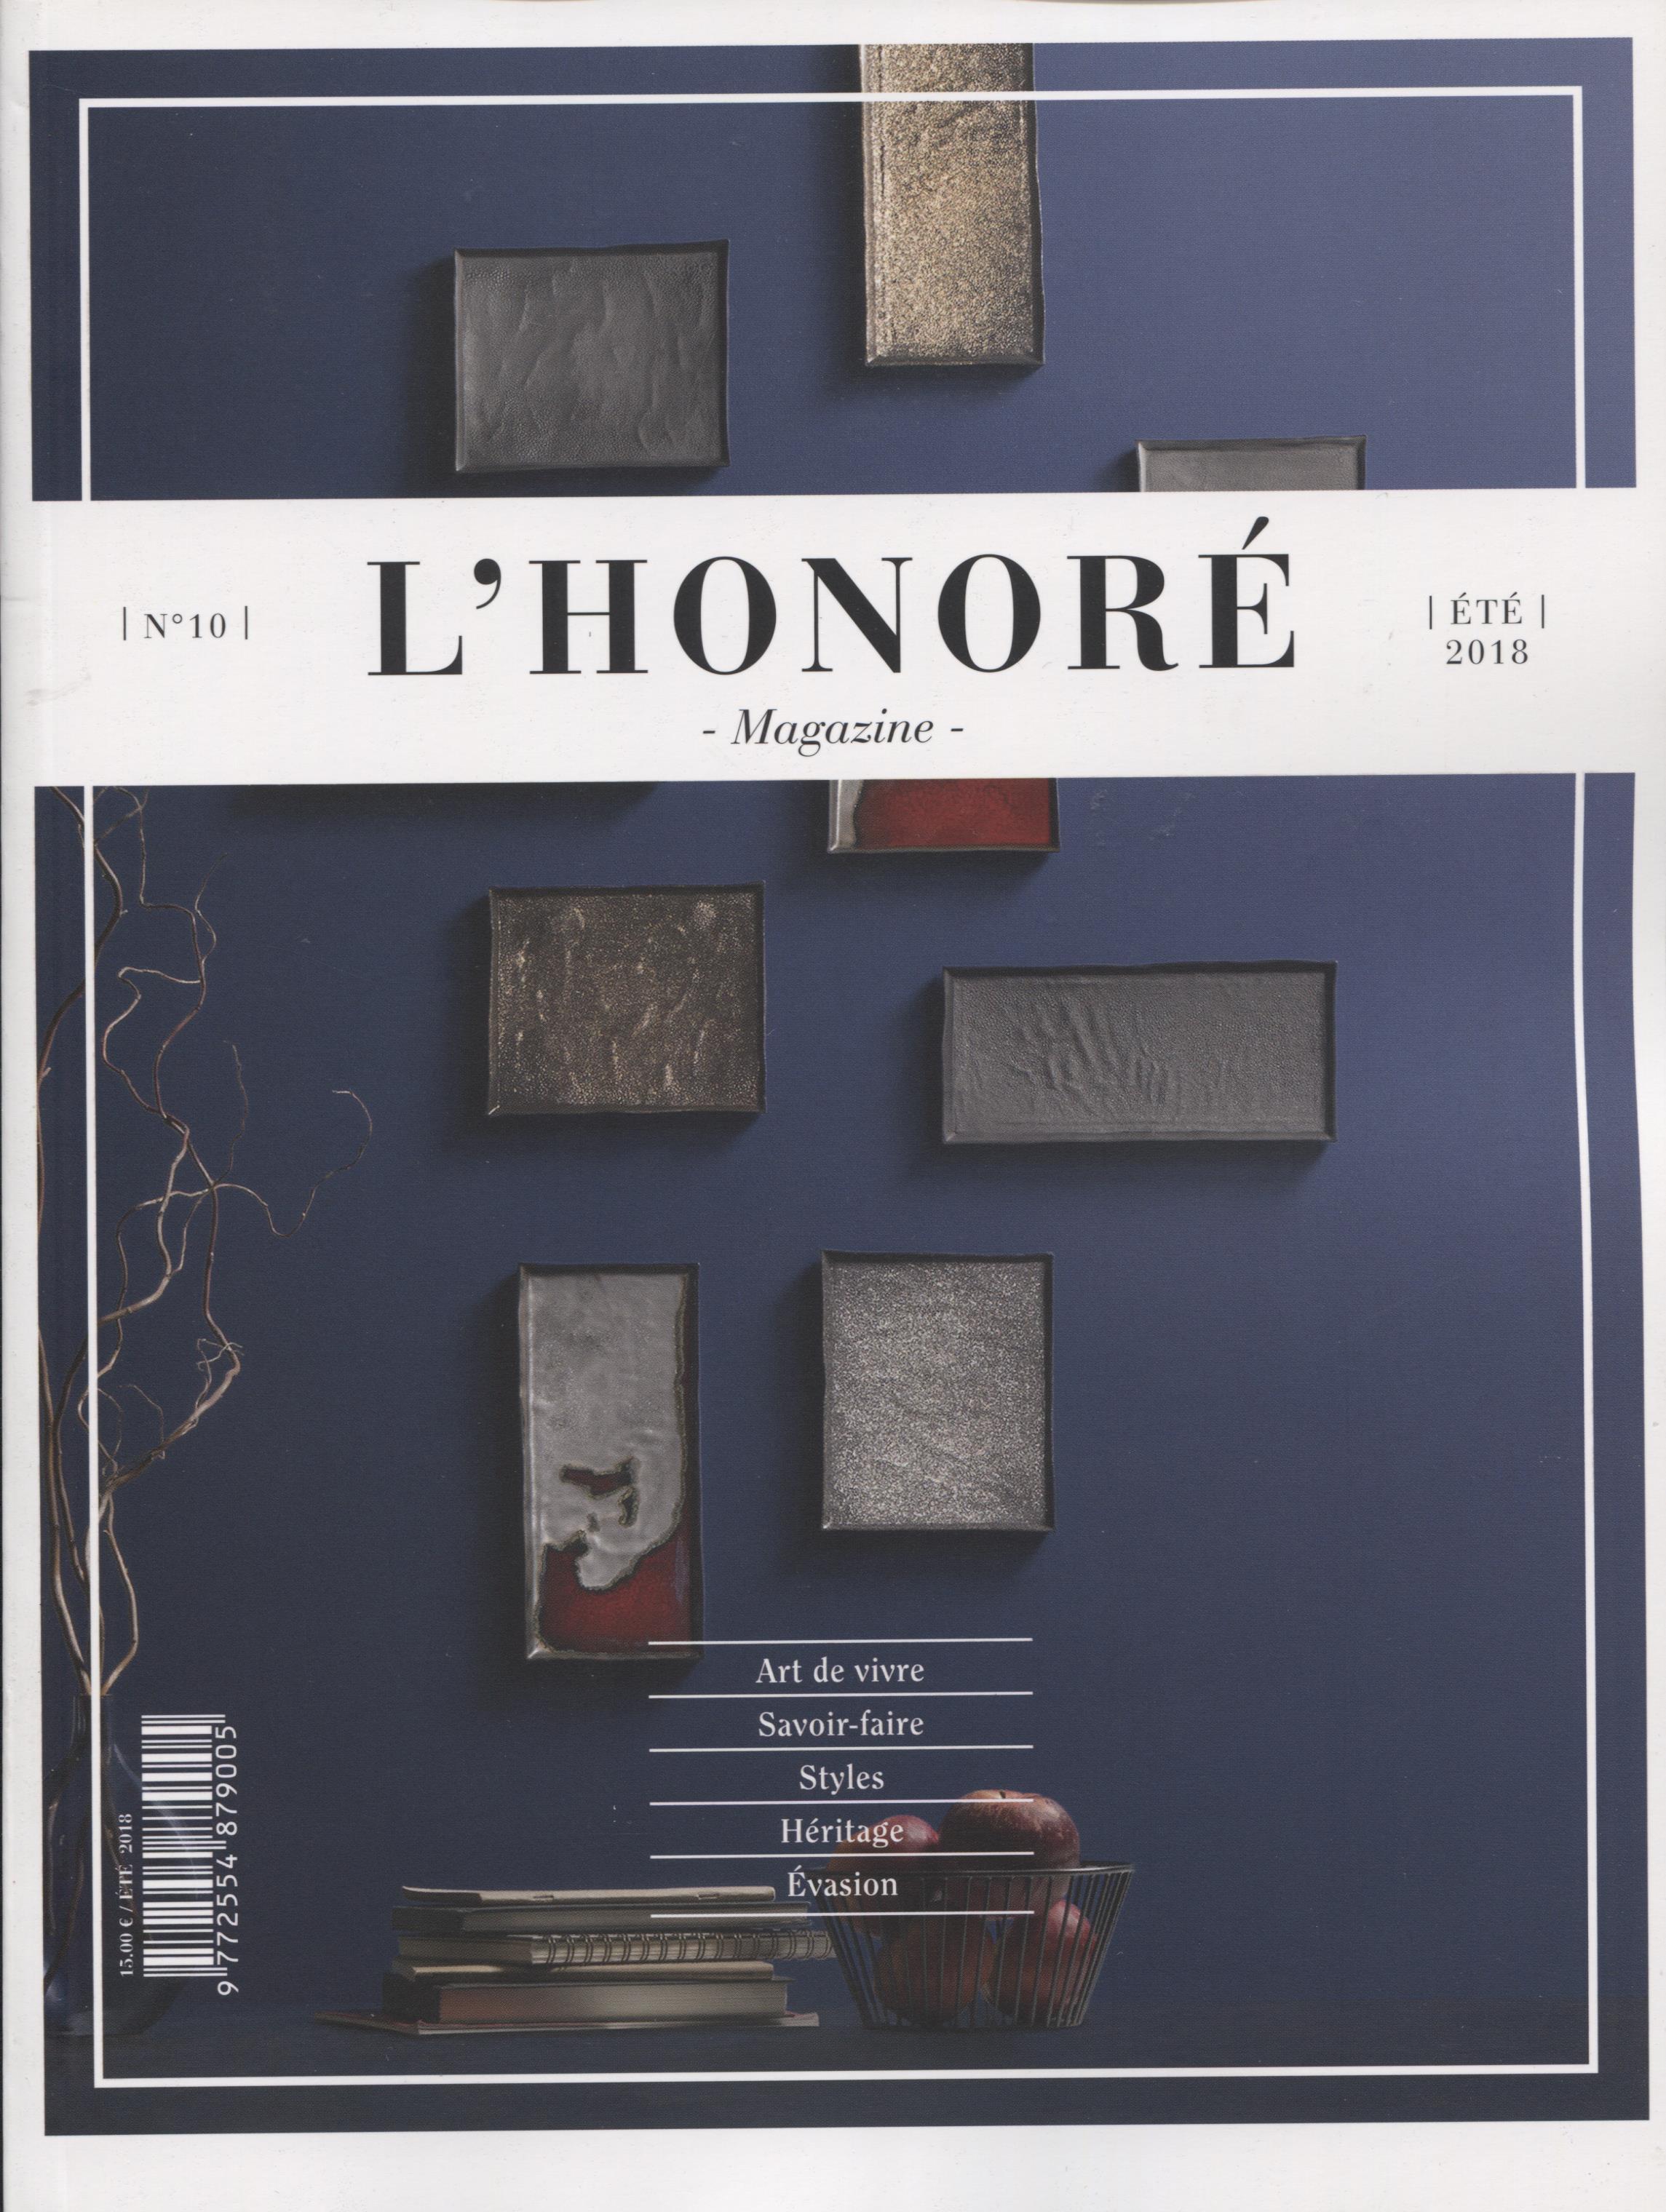 L HONORE MAGAZINE ETE 2018 COUV